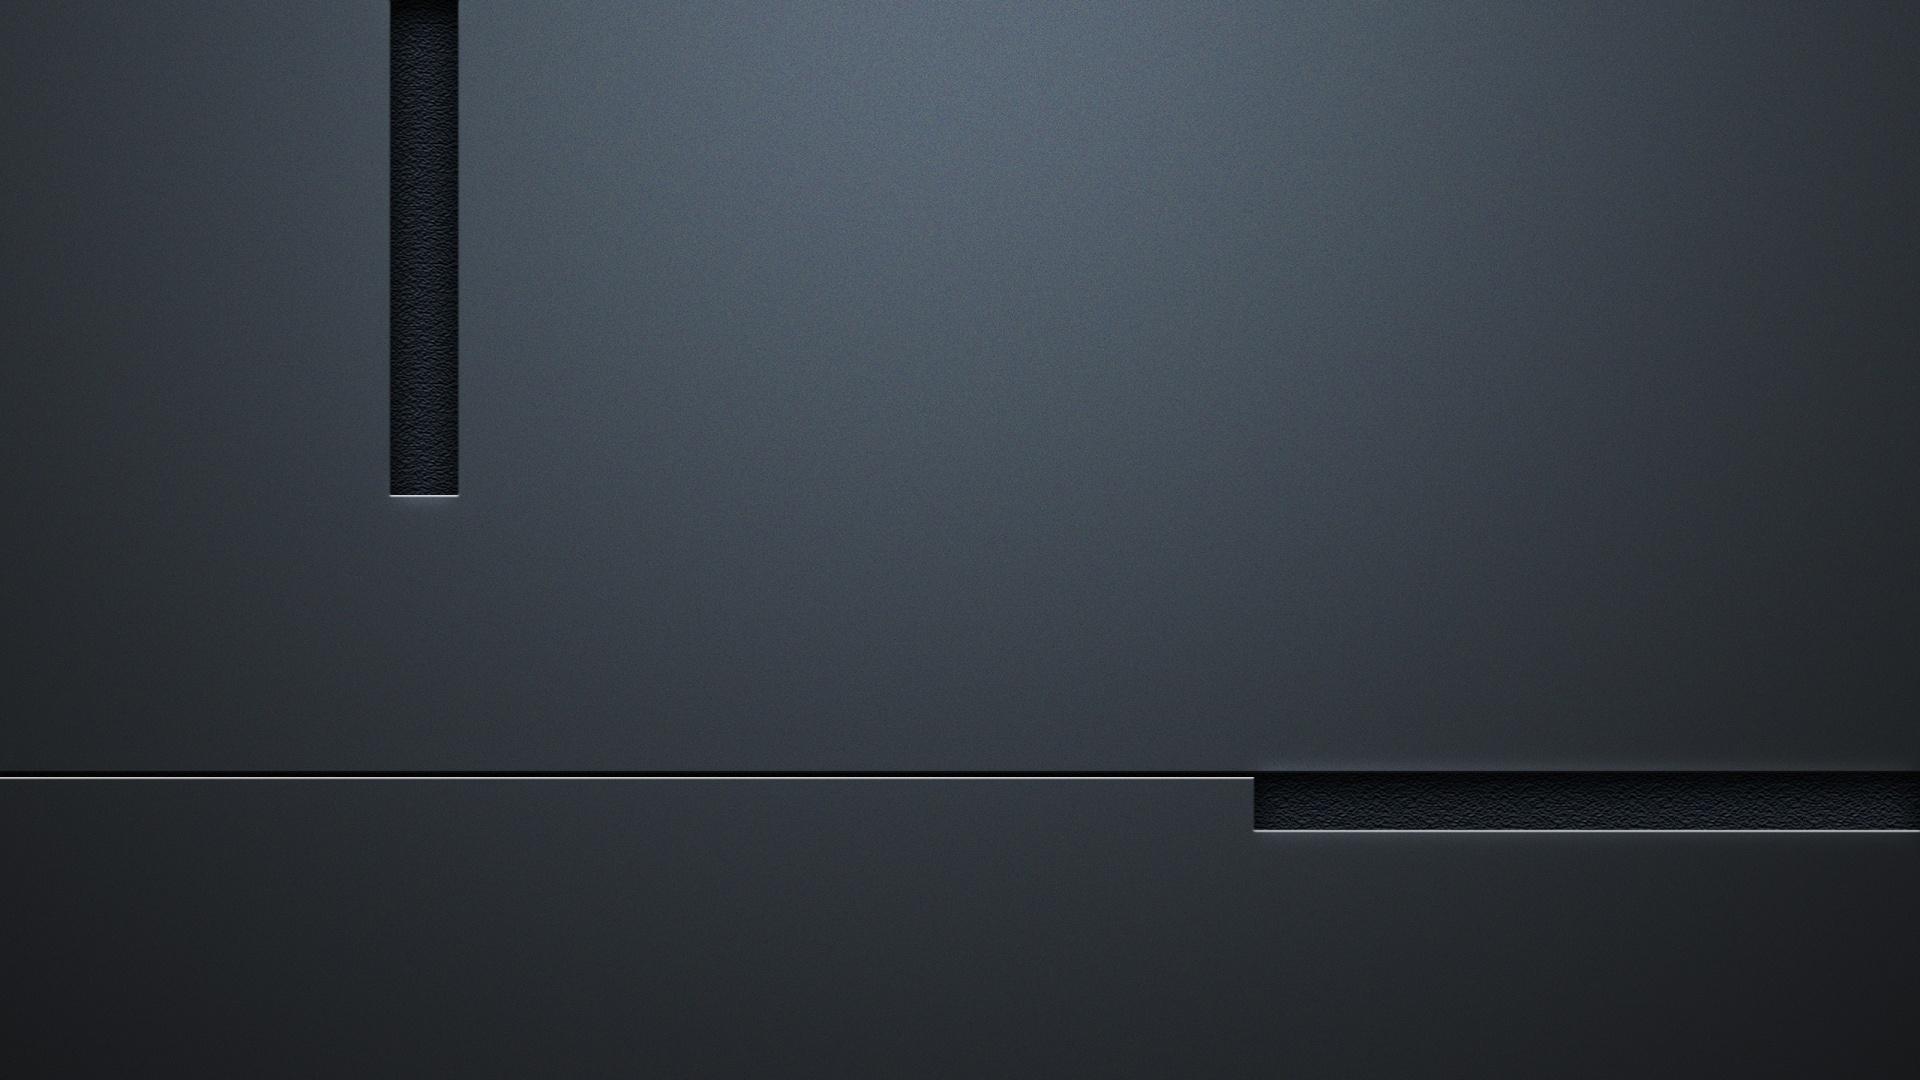 Gray Wallpaper